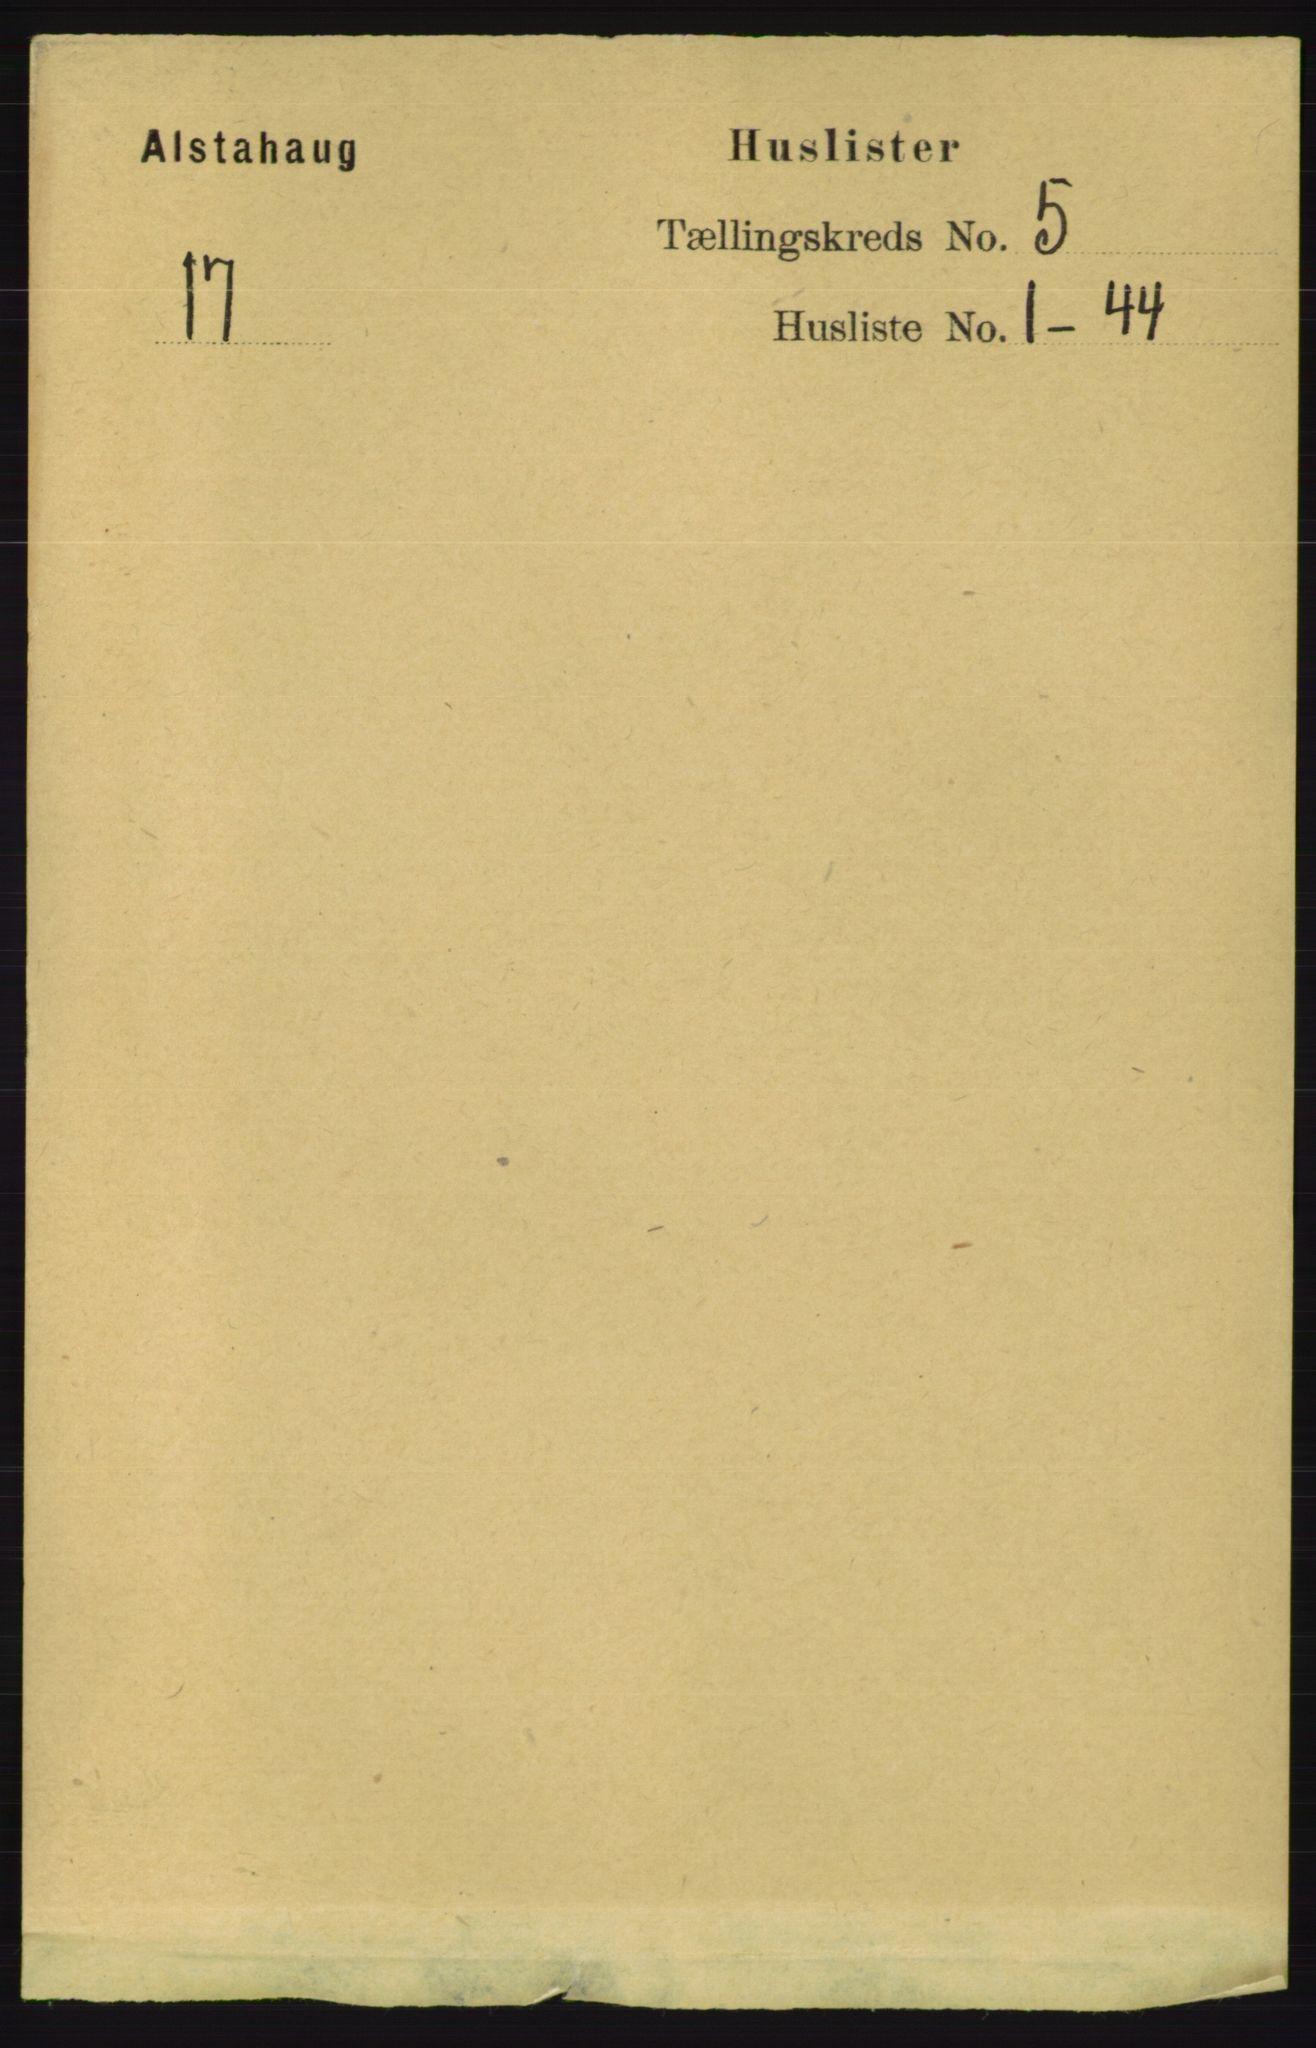 RA, Folketelling 1891 for 1820 Alstahaug herred, 1891, s. 1736